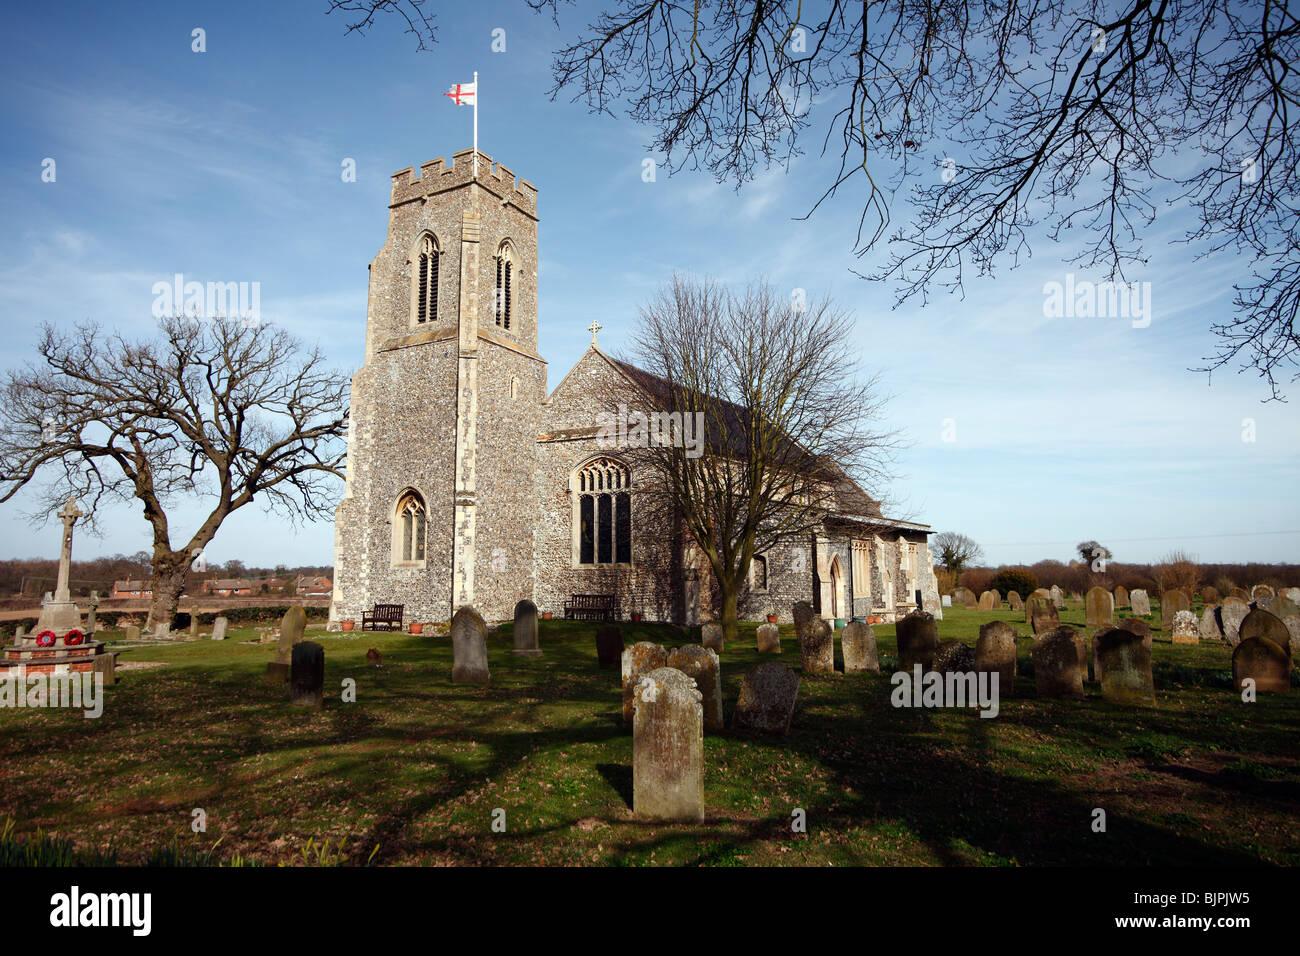 Church of Saint Bartholomew, Sloley, Norfolk - Stock Image